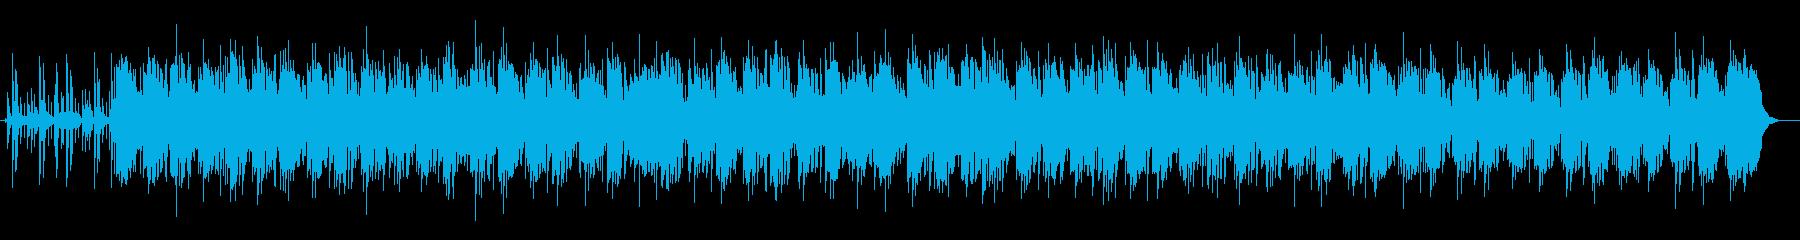 幻想的で煌びやかなヒーリングミュージックの再生済みの波形